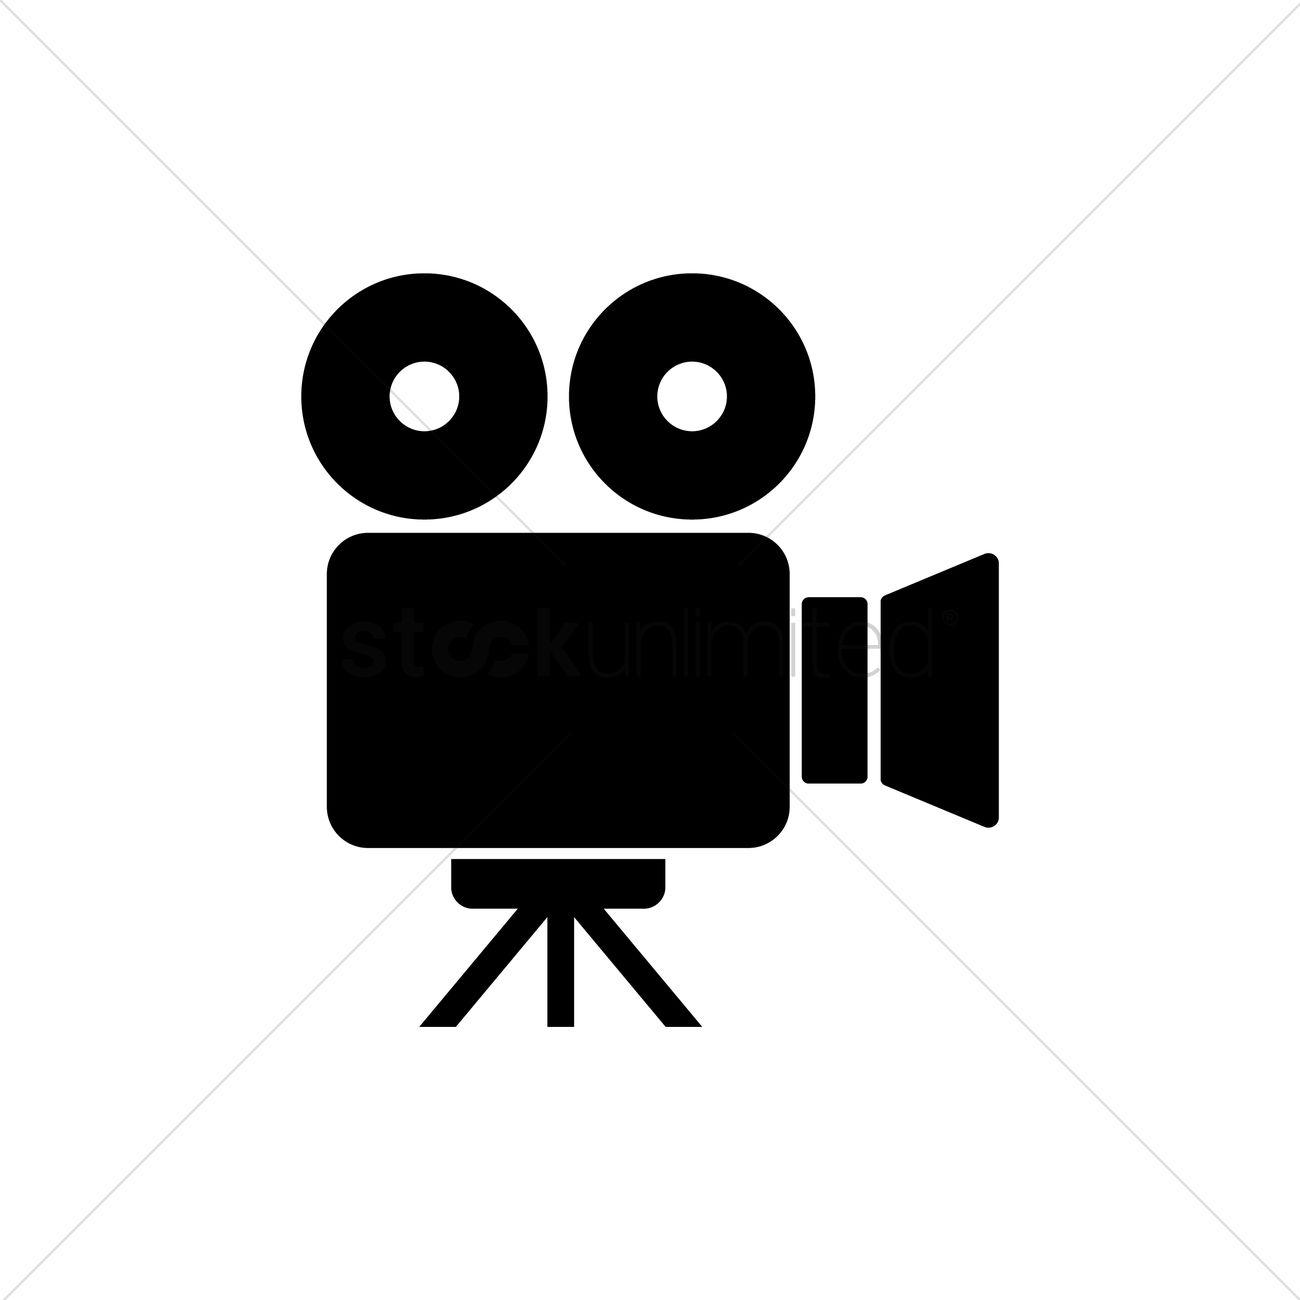 video camera icon vector graphic